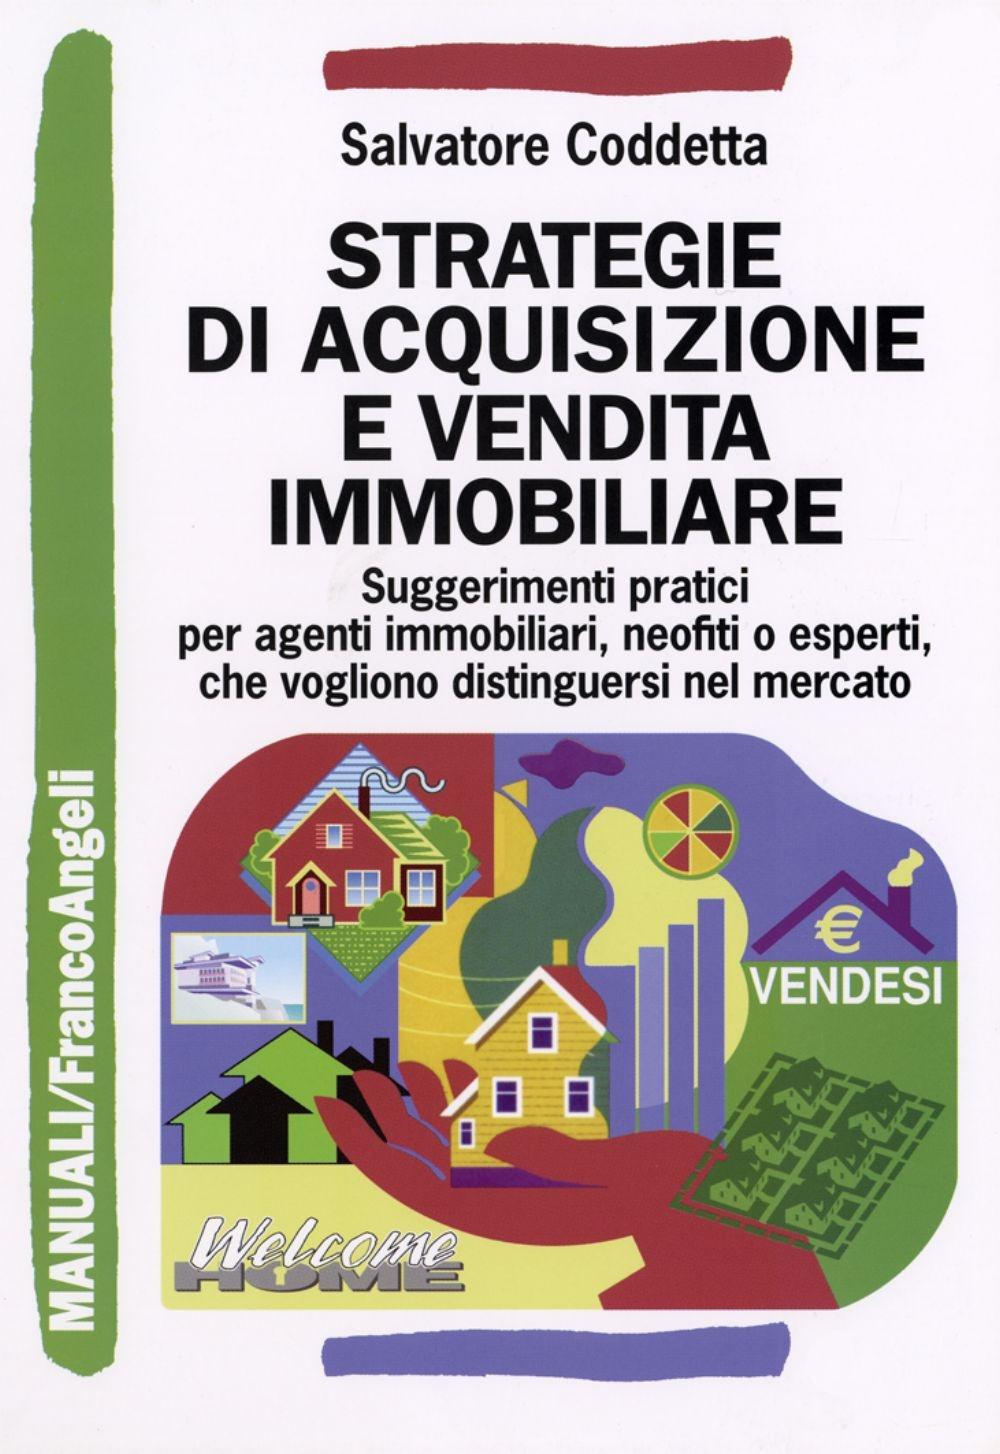 Strategie di acquisizione e vendita immobiliare. Suggerimenti pratici per agenti immobiliari, neofiti o esperti, che vogliono distinguersi nel mercato.